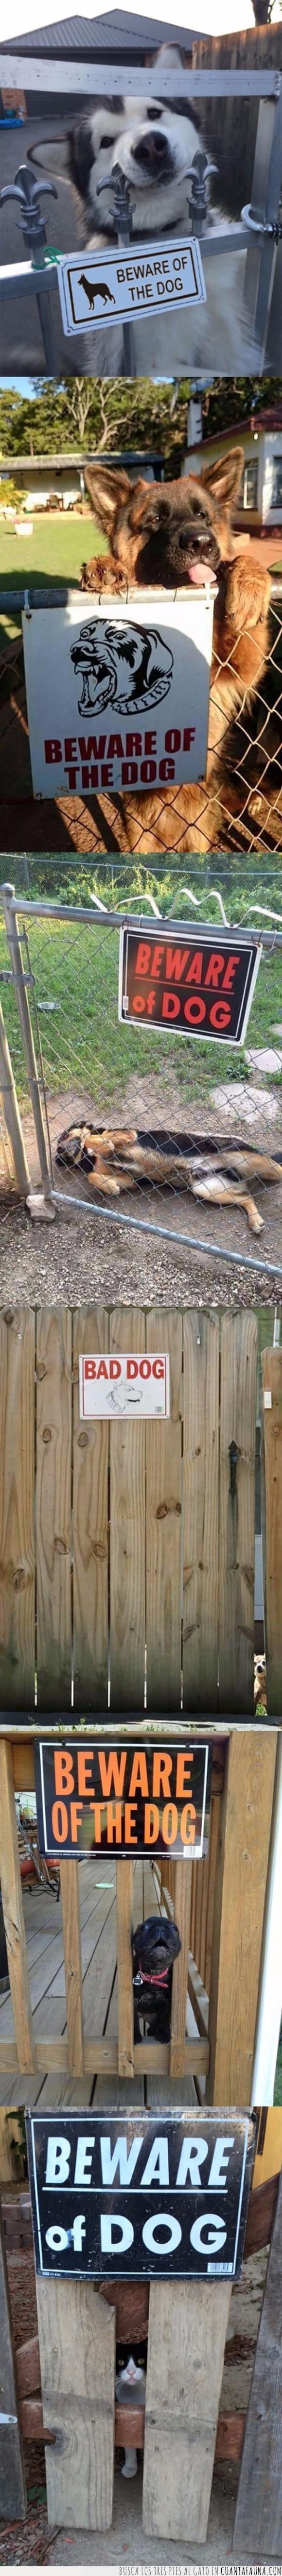 cartel,cuidado con el perro,gato,miedo,perros,valla